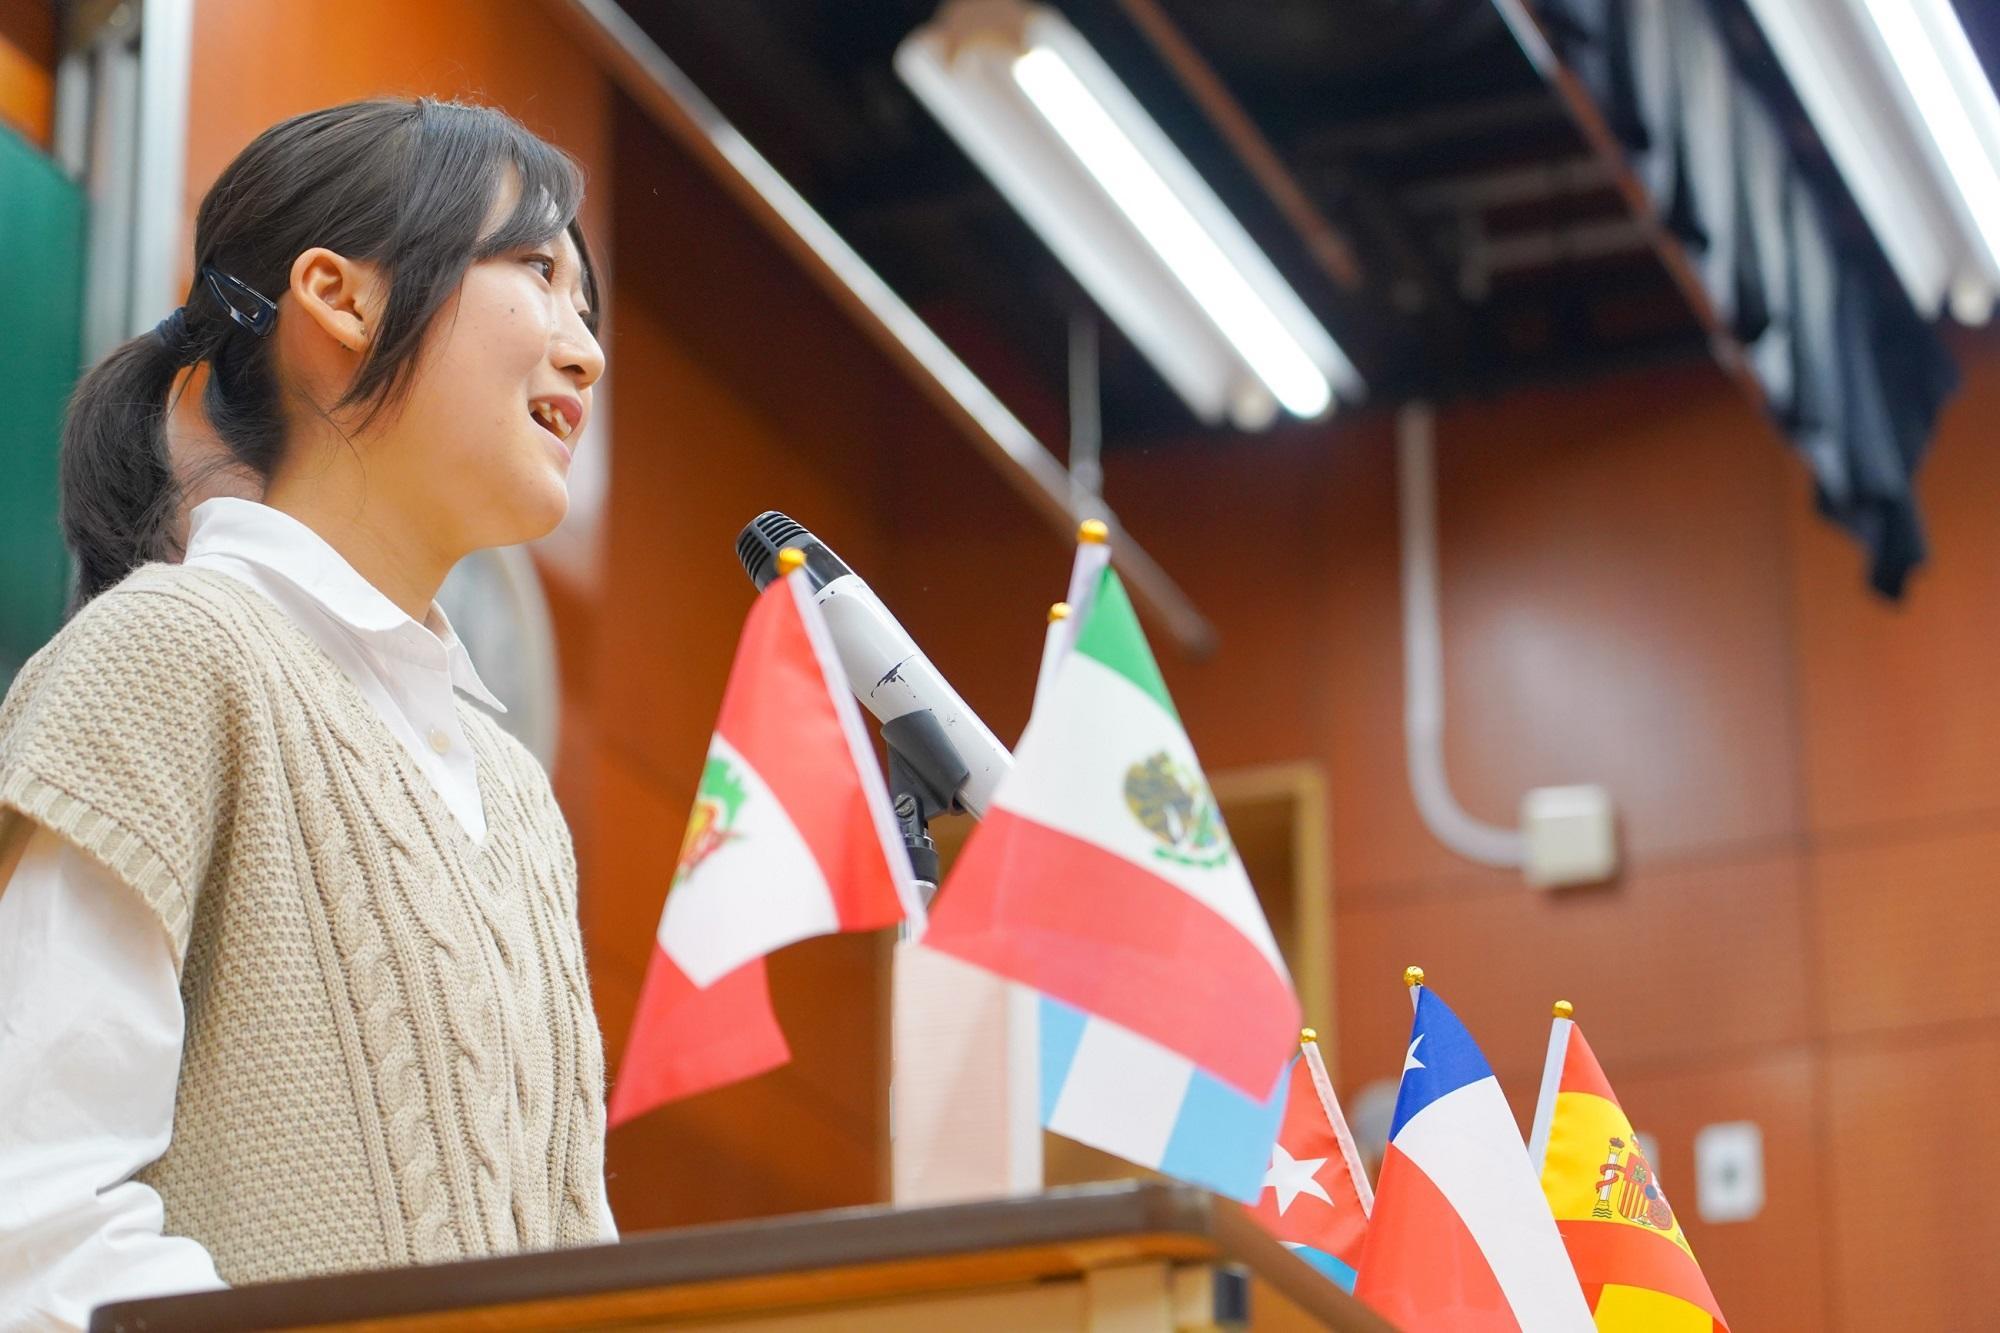 清泉女子大学が第2回高校生スペイン語スピーチコンテストを開催 -- 優秀者にはスペインでの2週間のスペイン語コースへの無料参加権をプレゼント